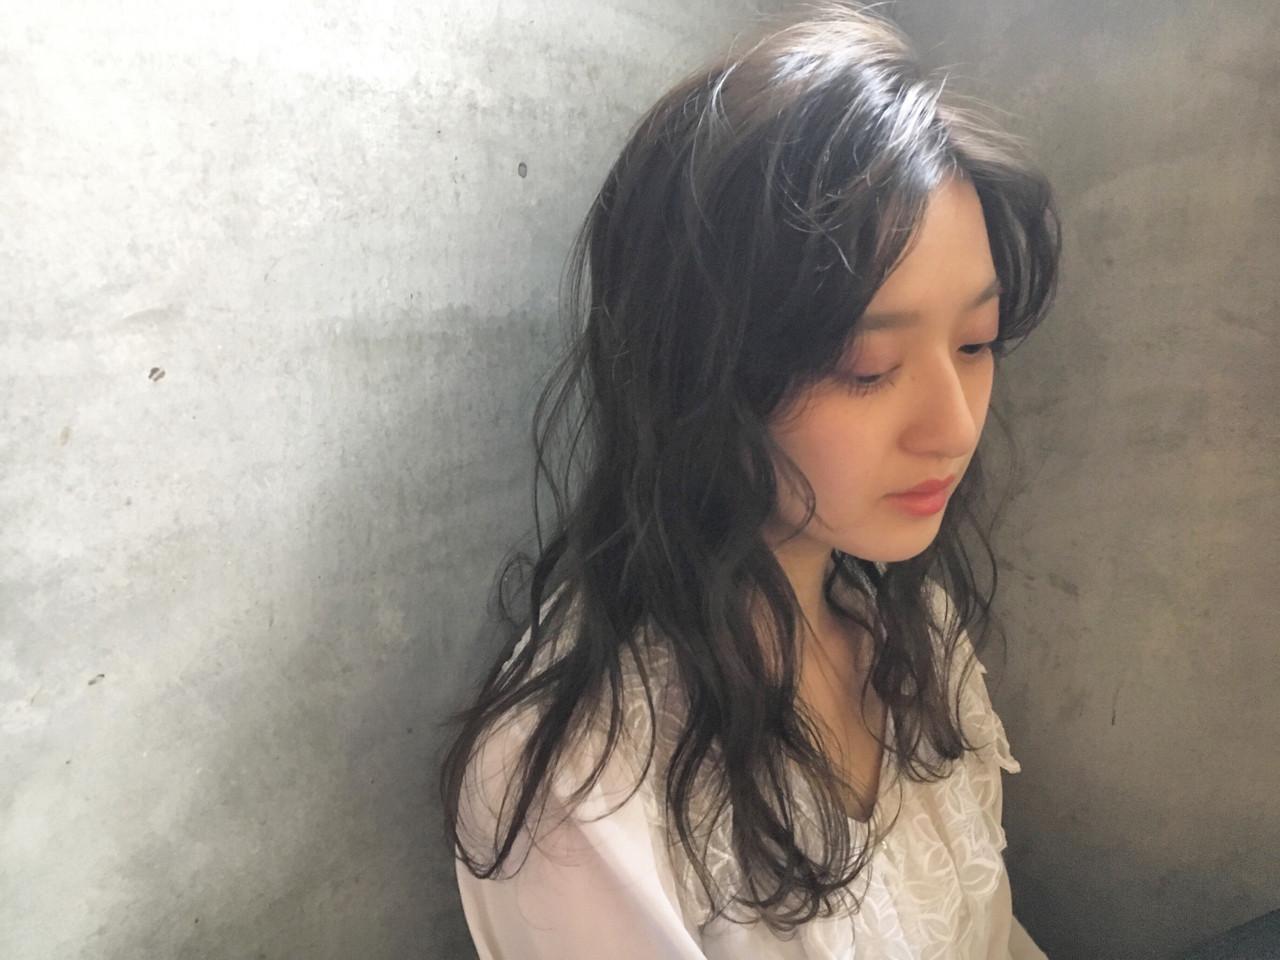 ツヤと透明感でセンシュアルな雰囲気に 藤田成美